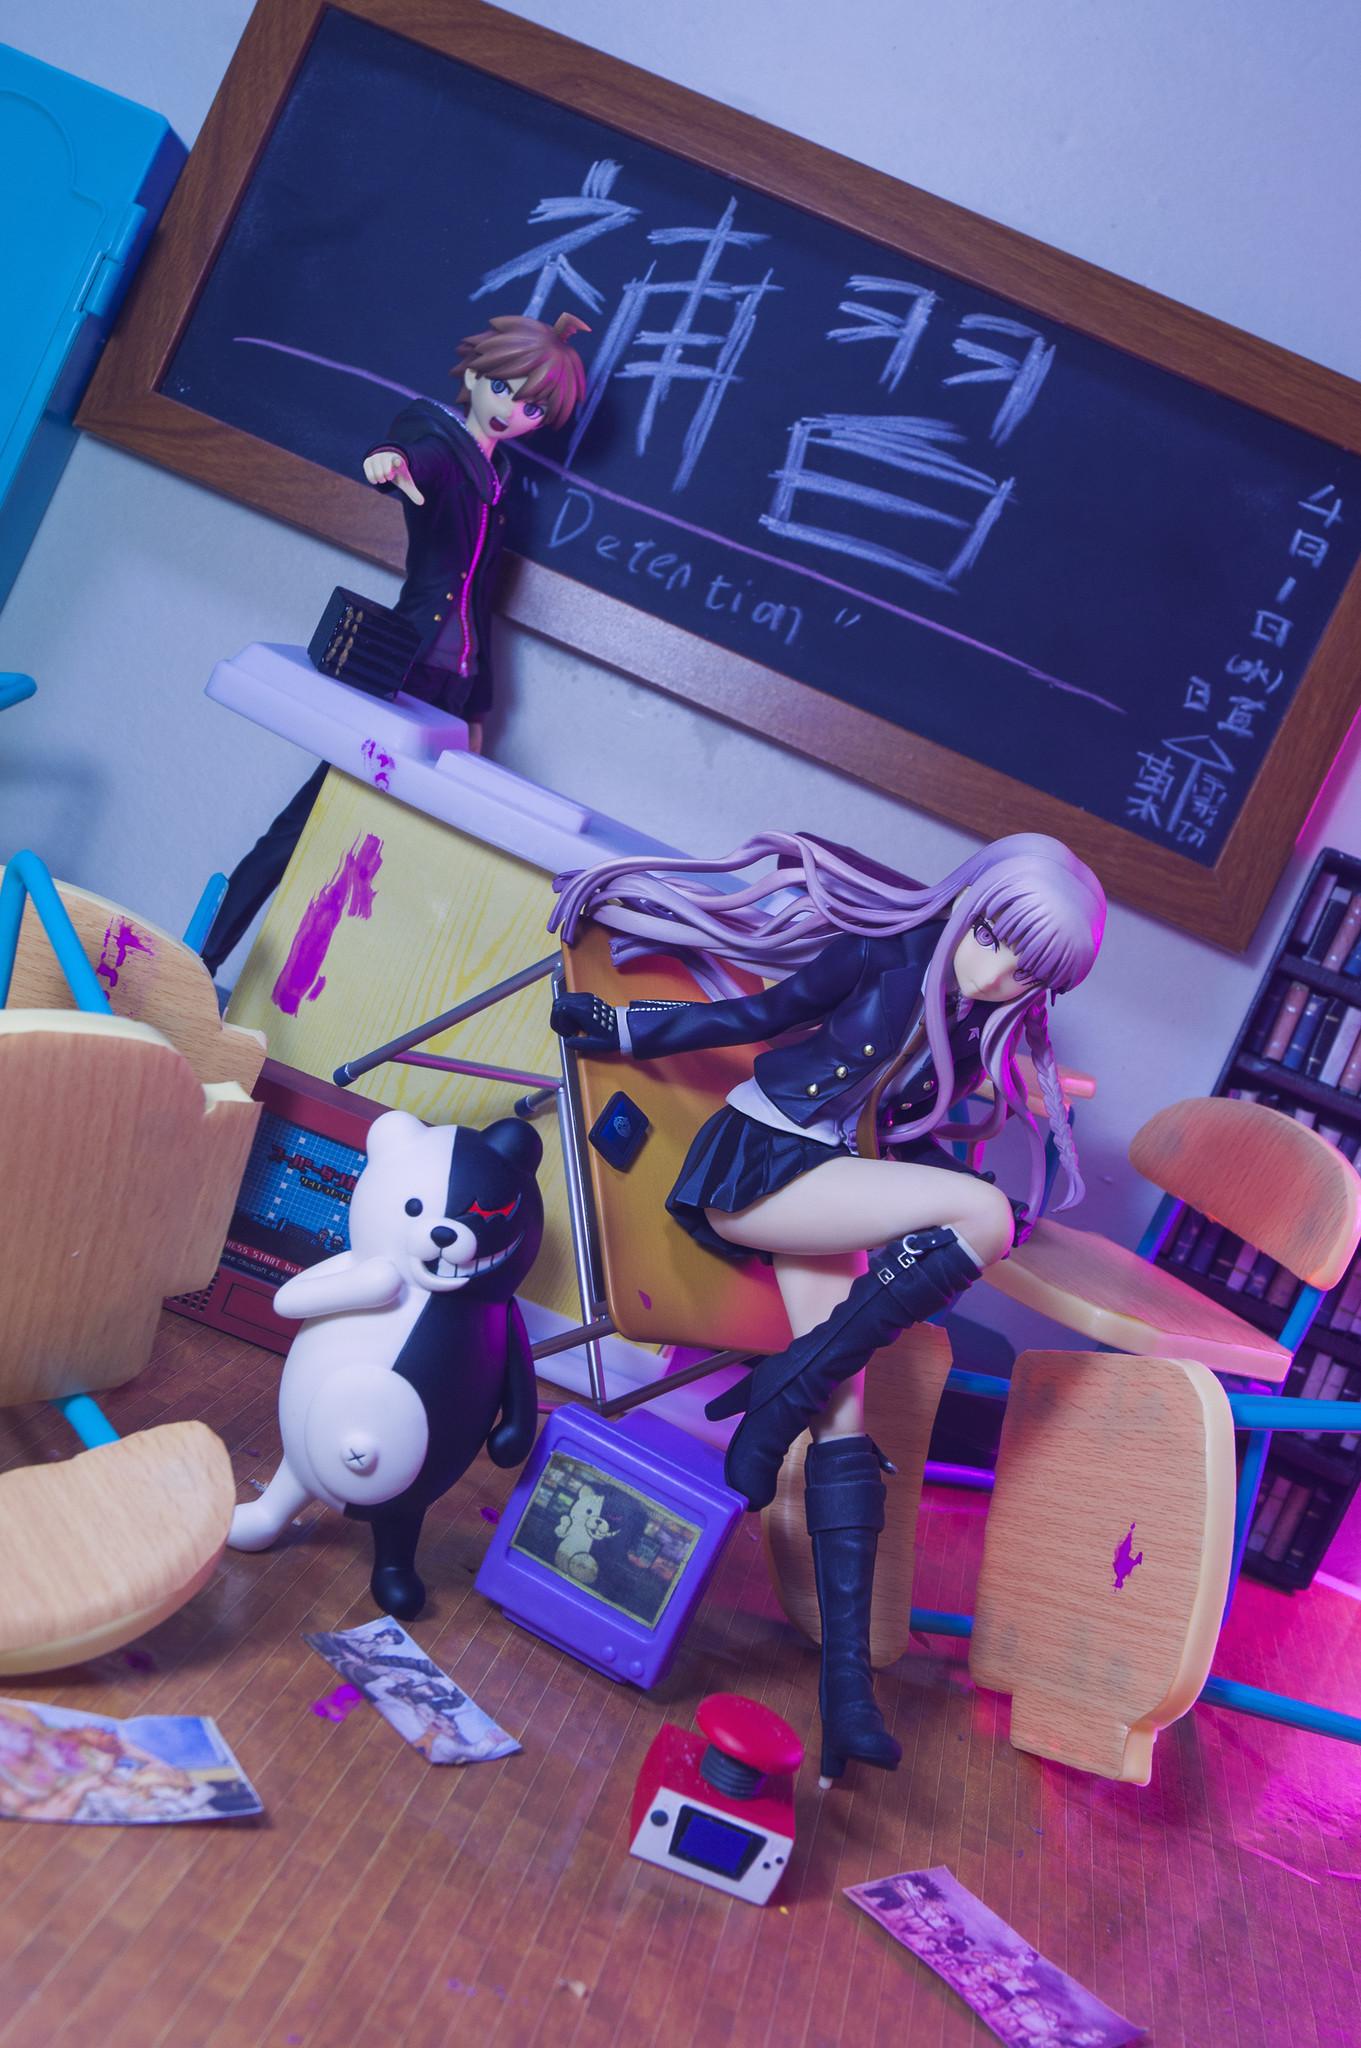 phat_company yoshizawa_mitsumasa algernon_product itandi monokuma shichibee kirigiri_kyouko naegi_makoto spike_chunsoft komatsuzaki_rui chou_koukoukyuu_no_figure flare danganronpa:_the_animation danganronpa_1_/_2_reload